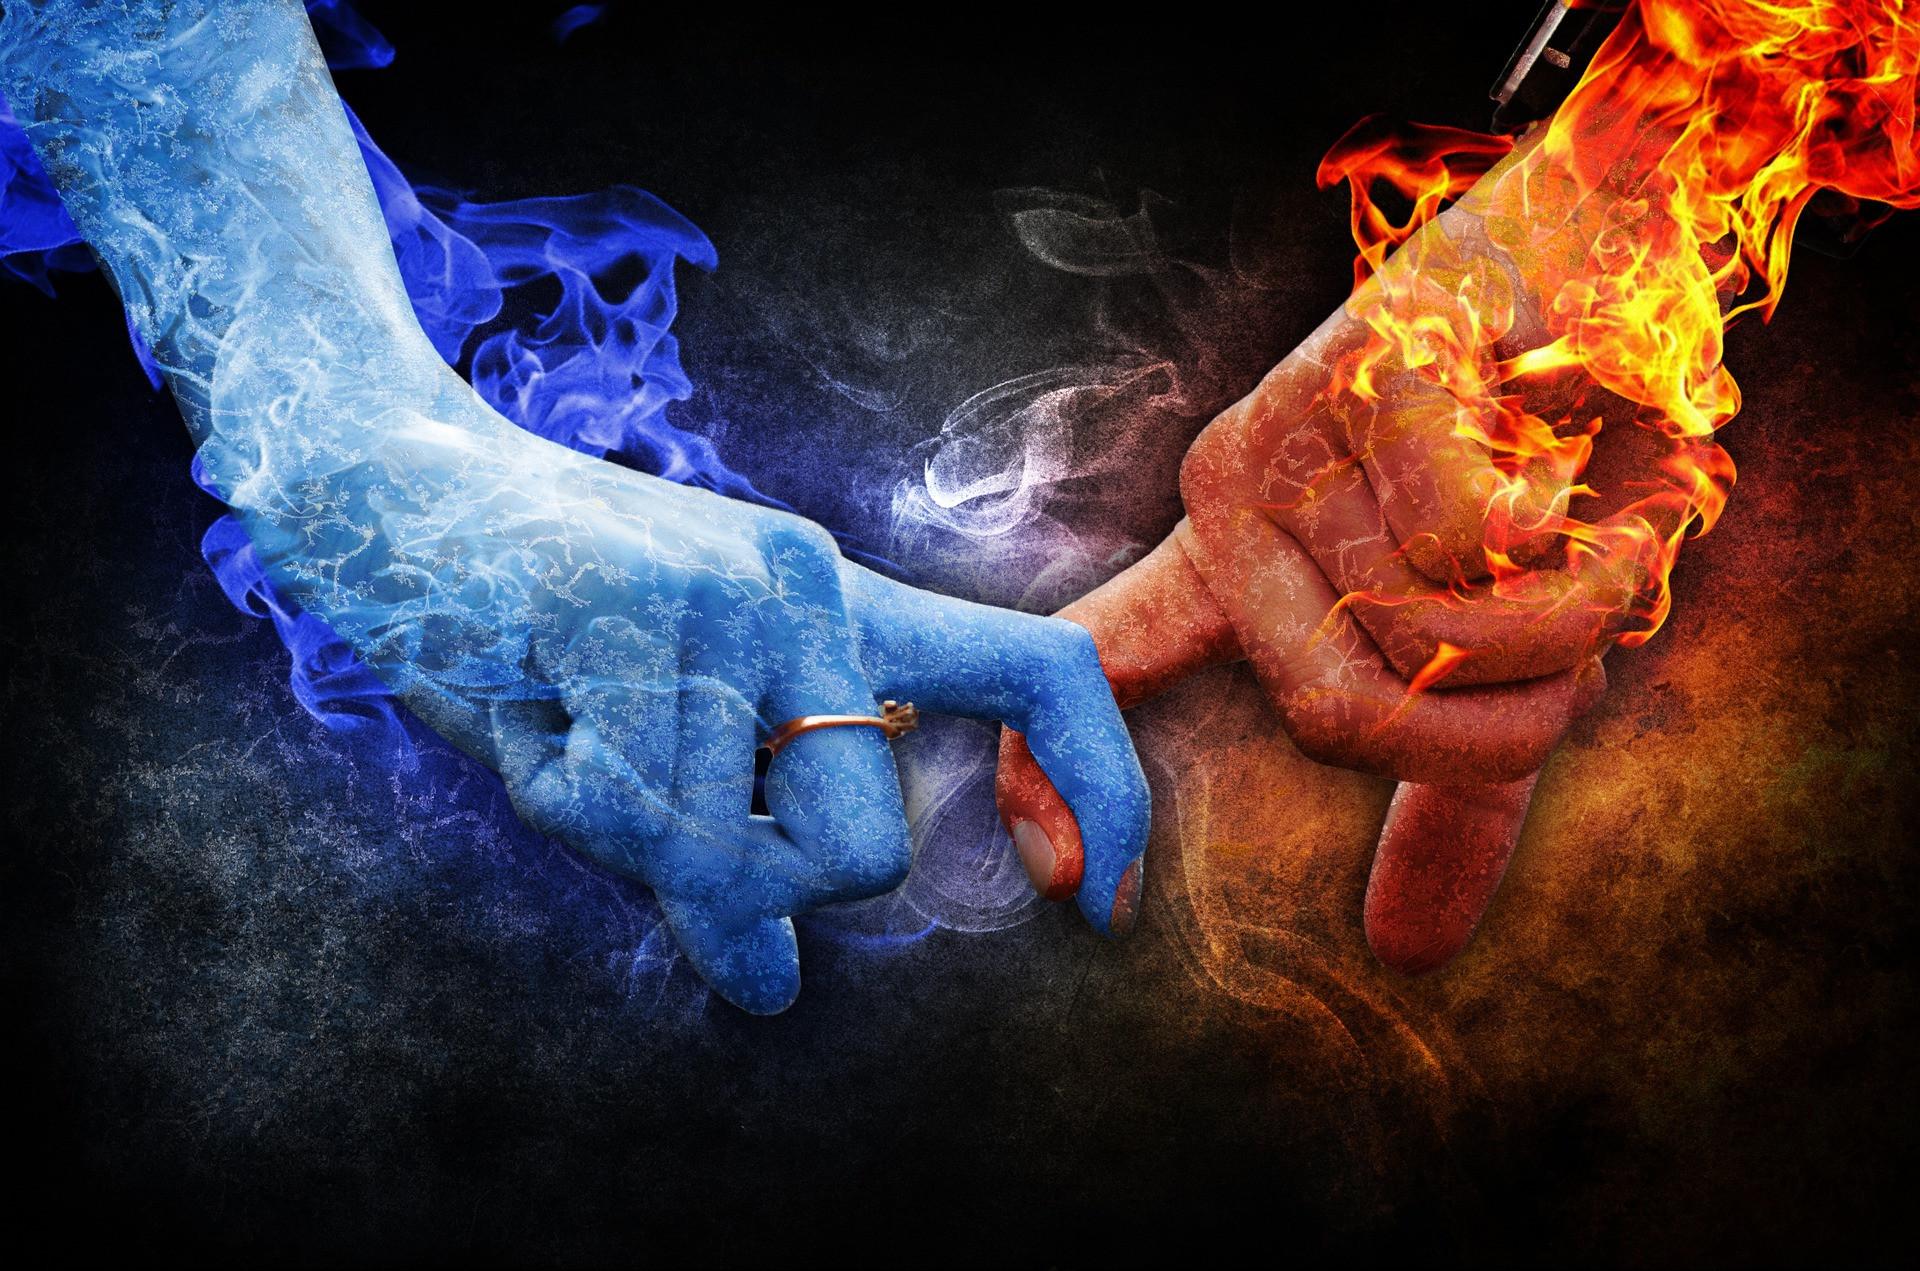 Tendance du mois lien Flamme jumelle